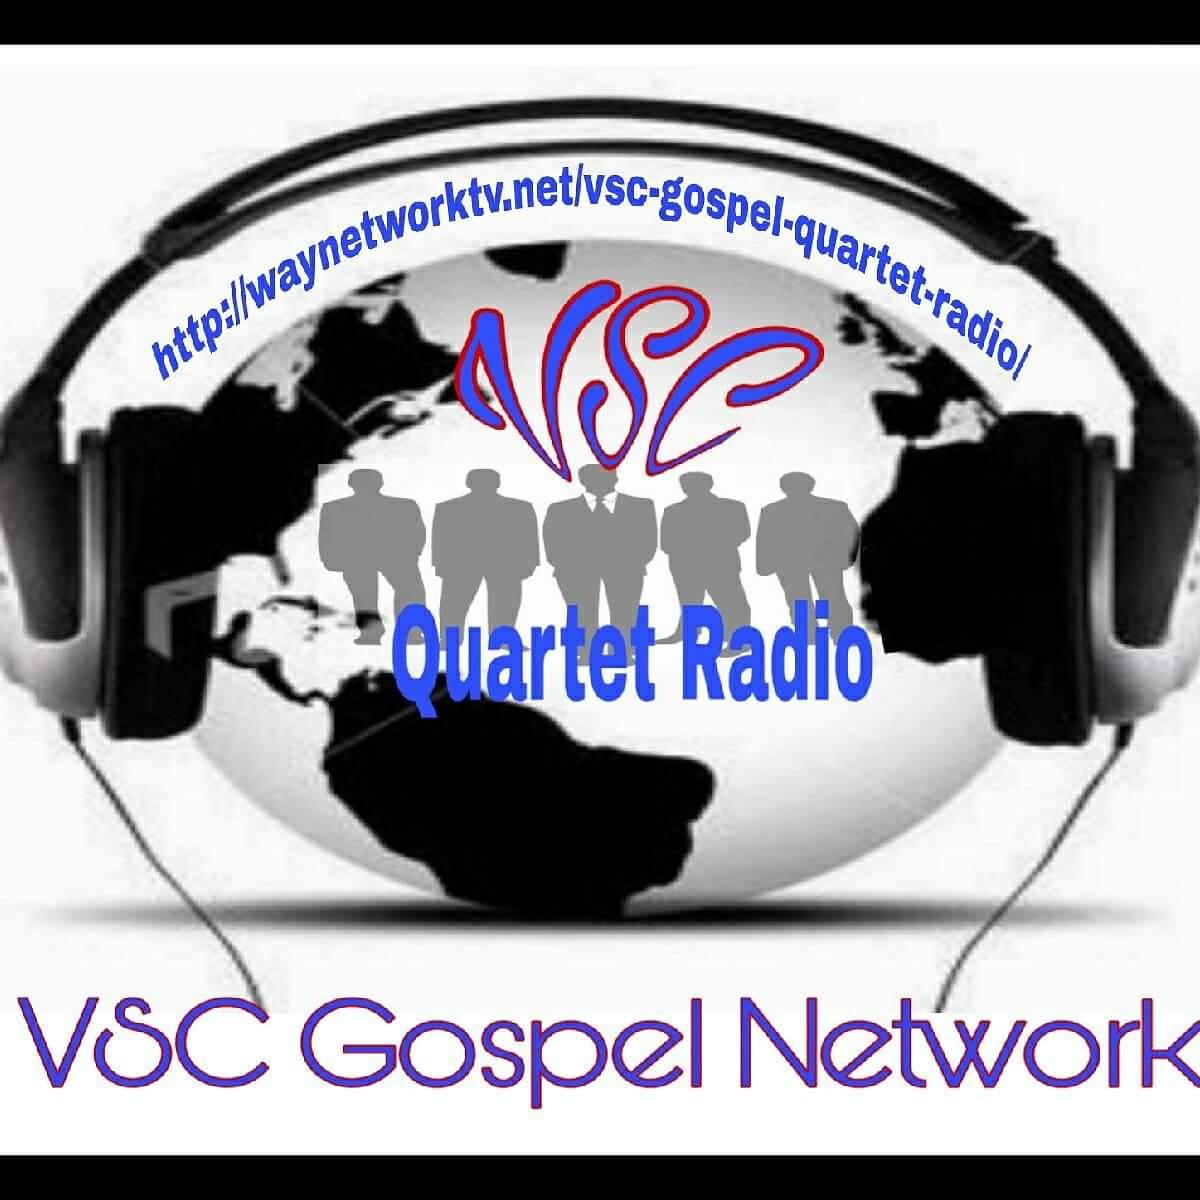 VSC Quartet RAdio